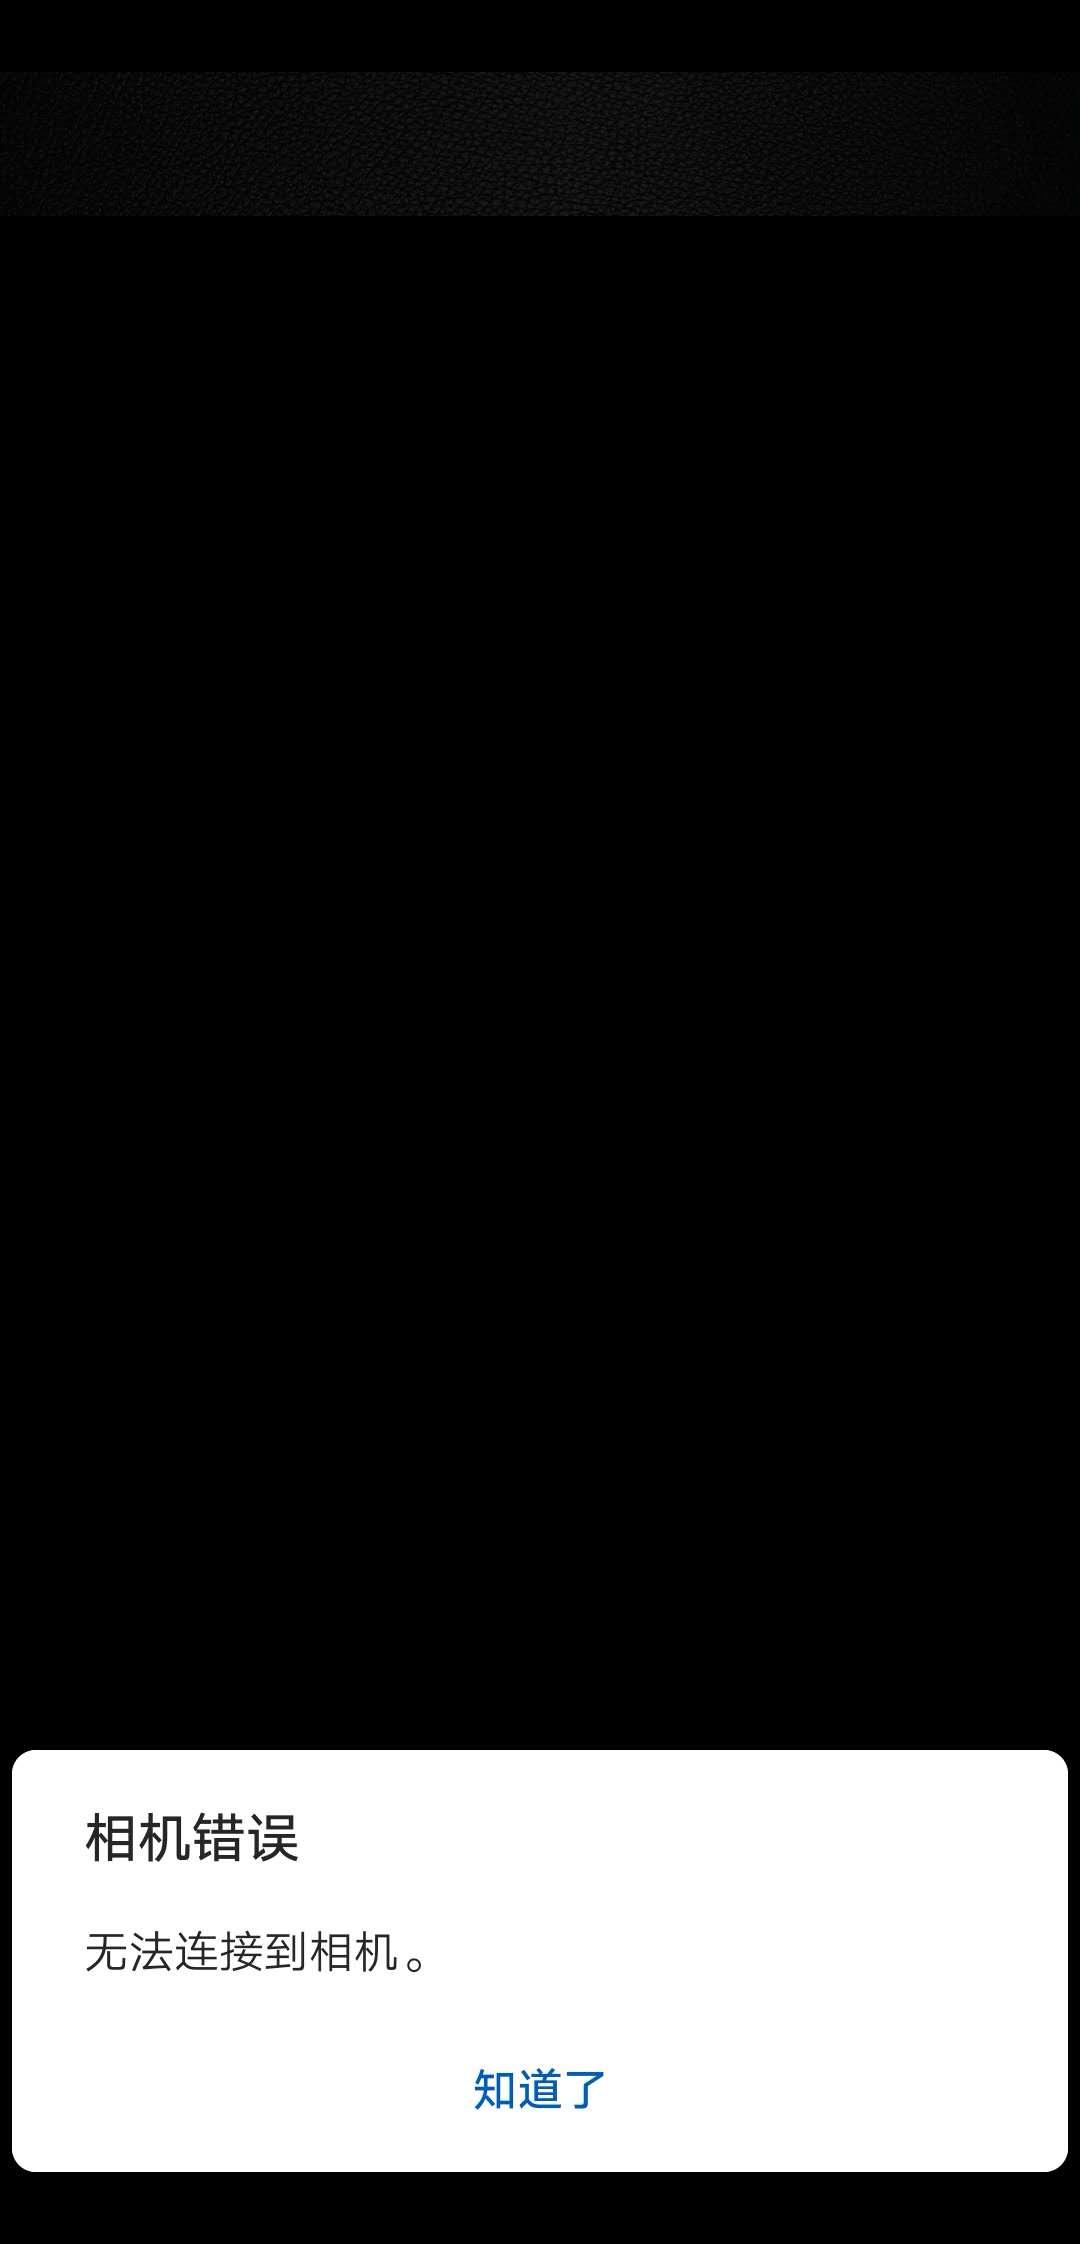 相机bug02.jpg